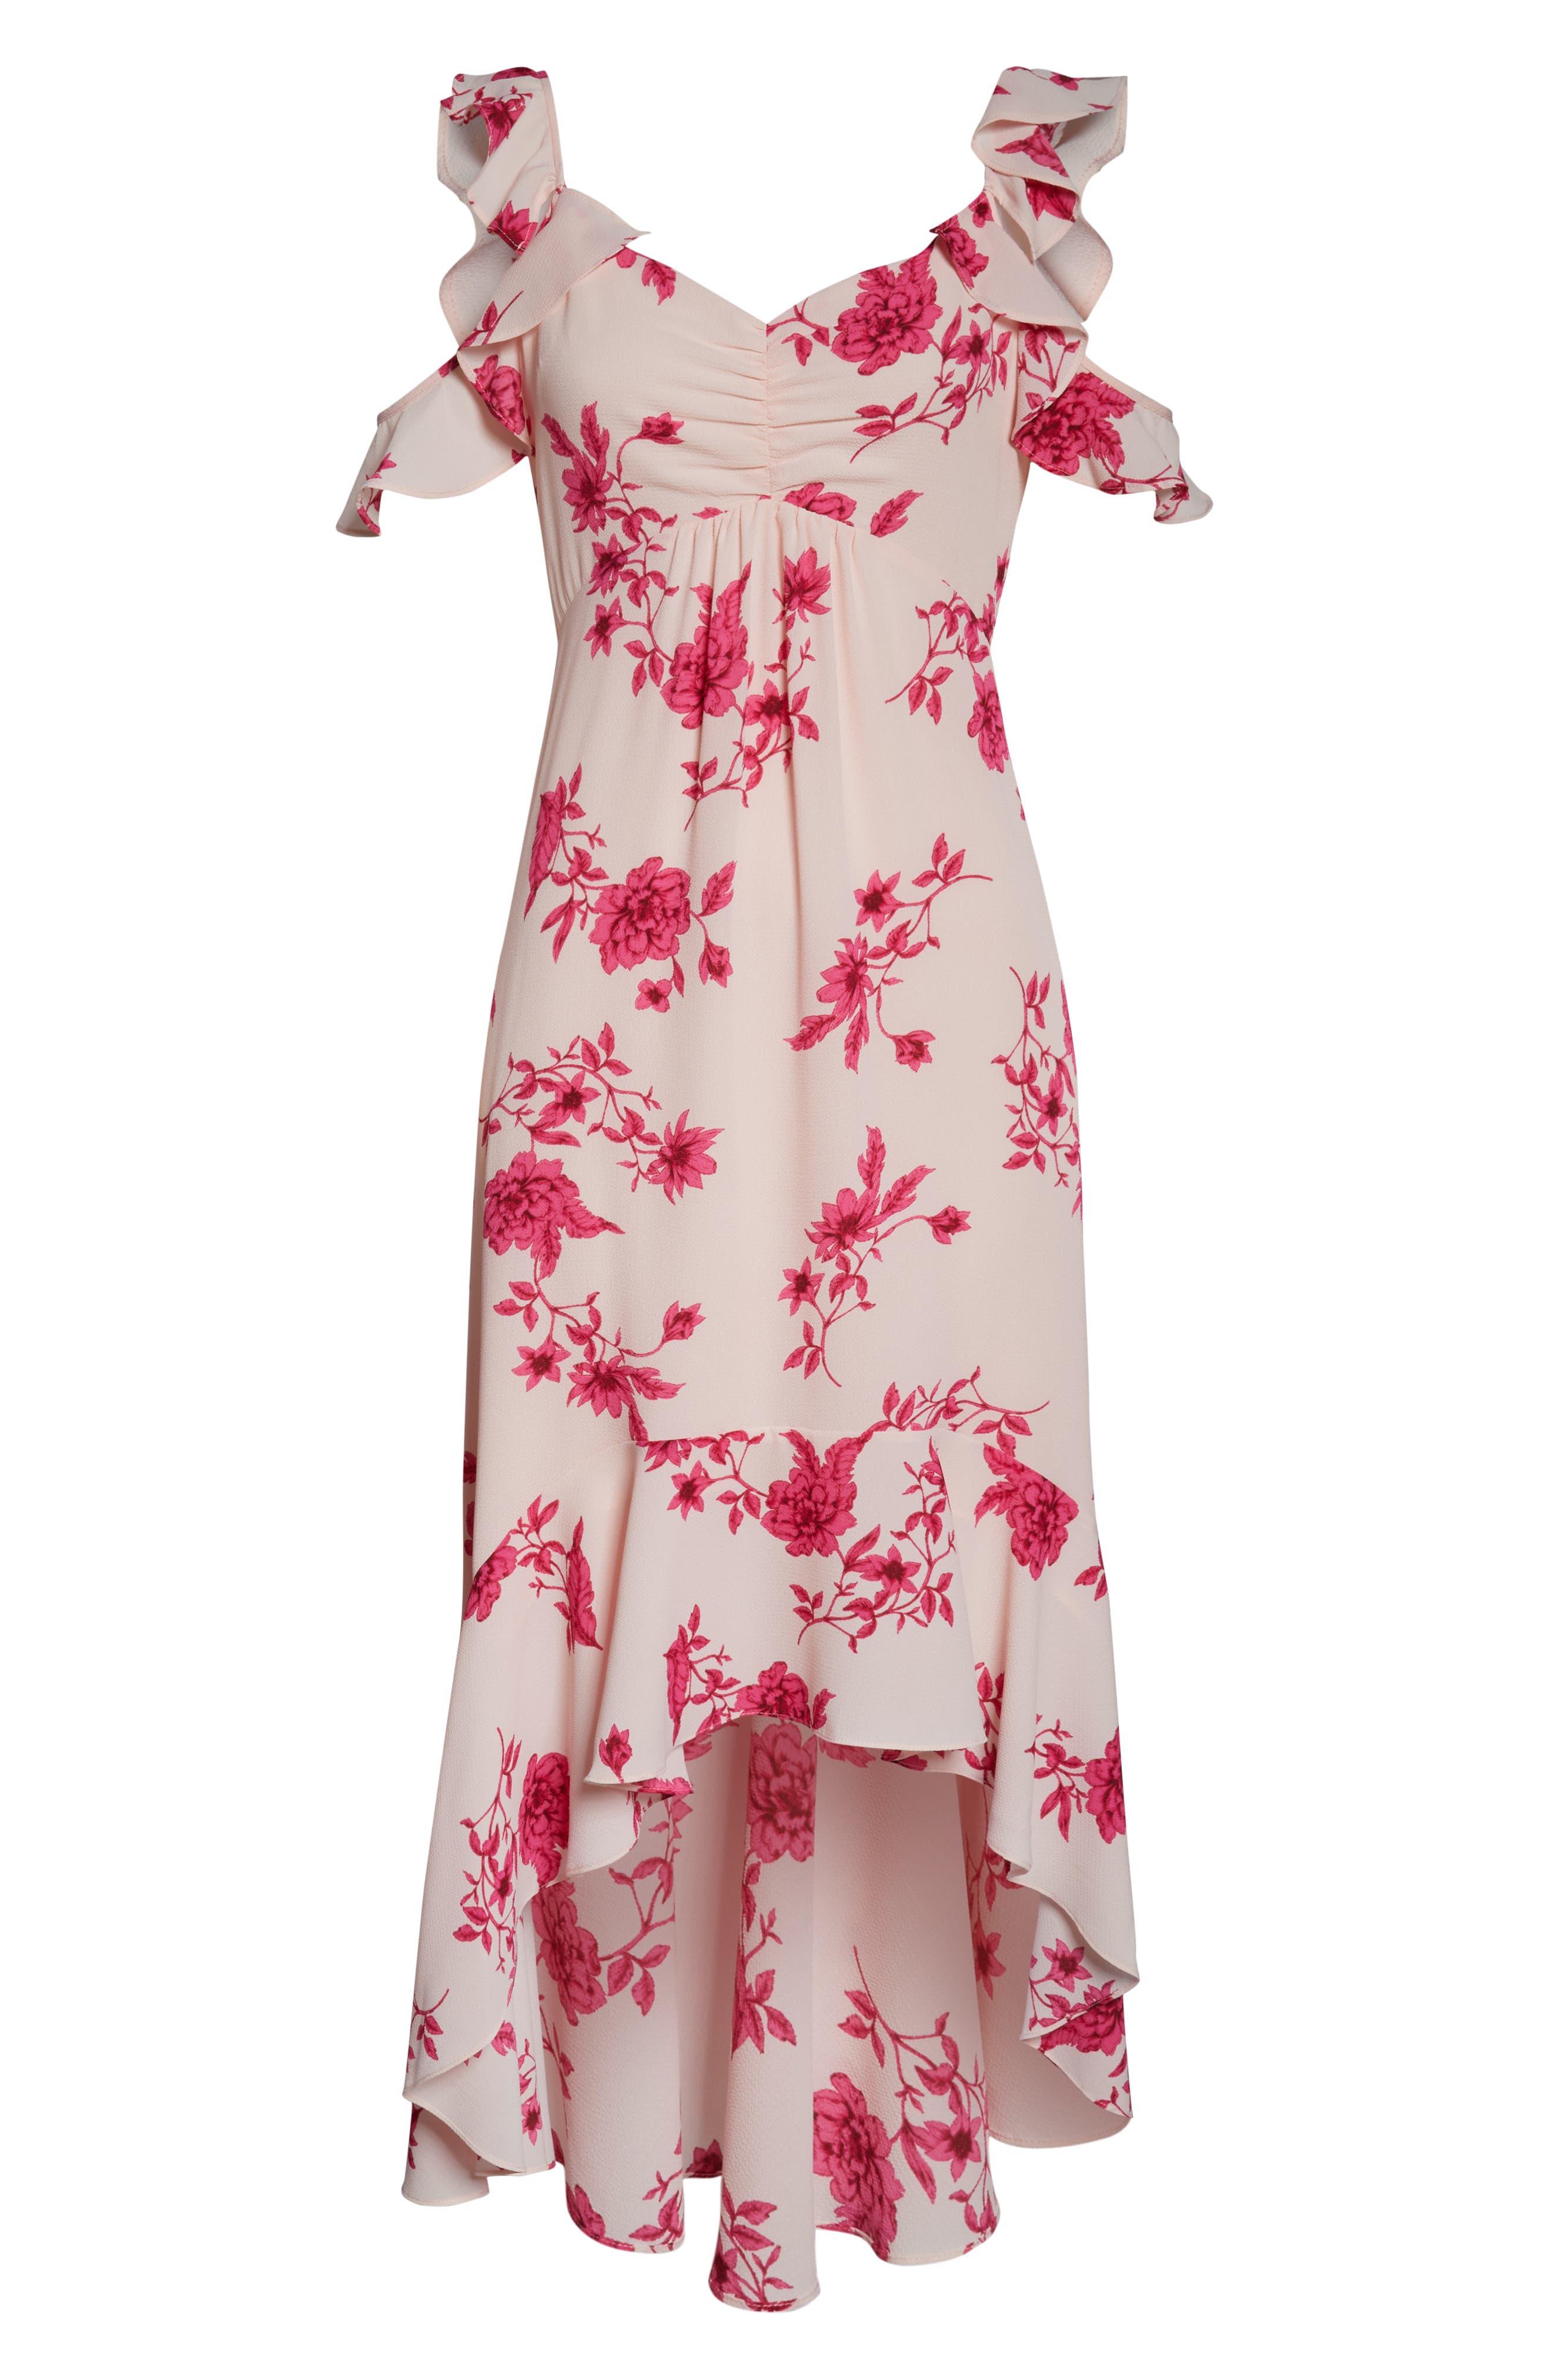 CECE, Etched Floral High/Low Midi Dress, Alternate thumbnail 3, color, SECRET BLUSH